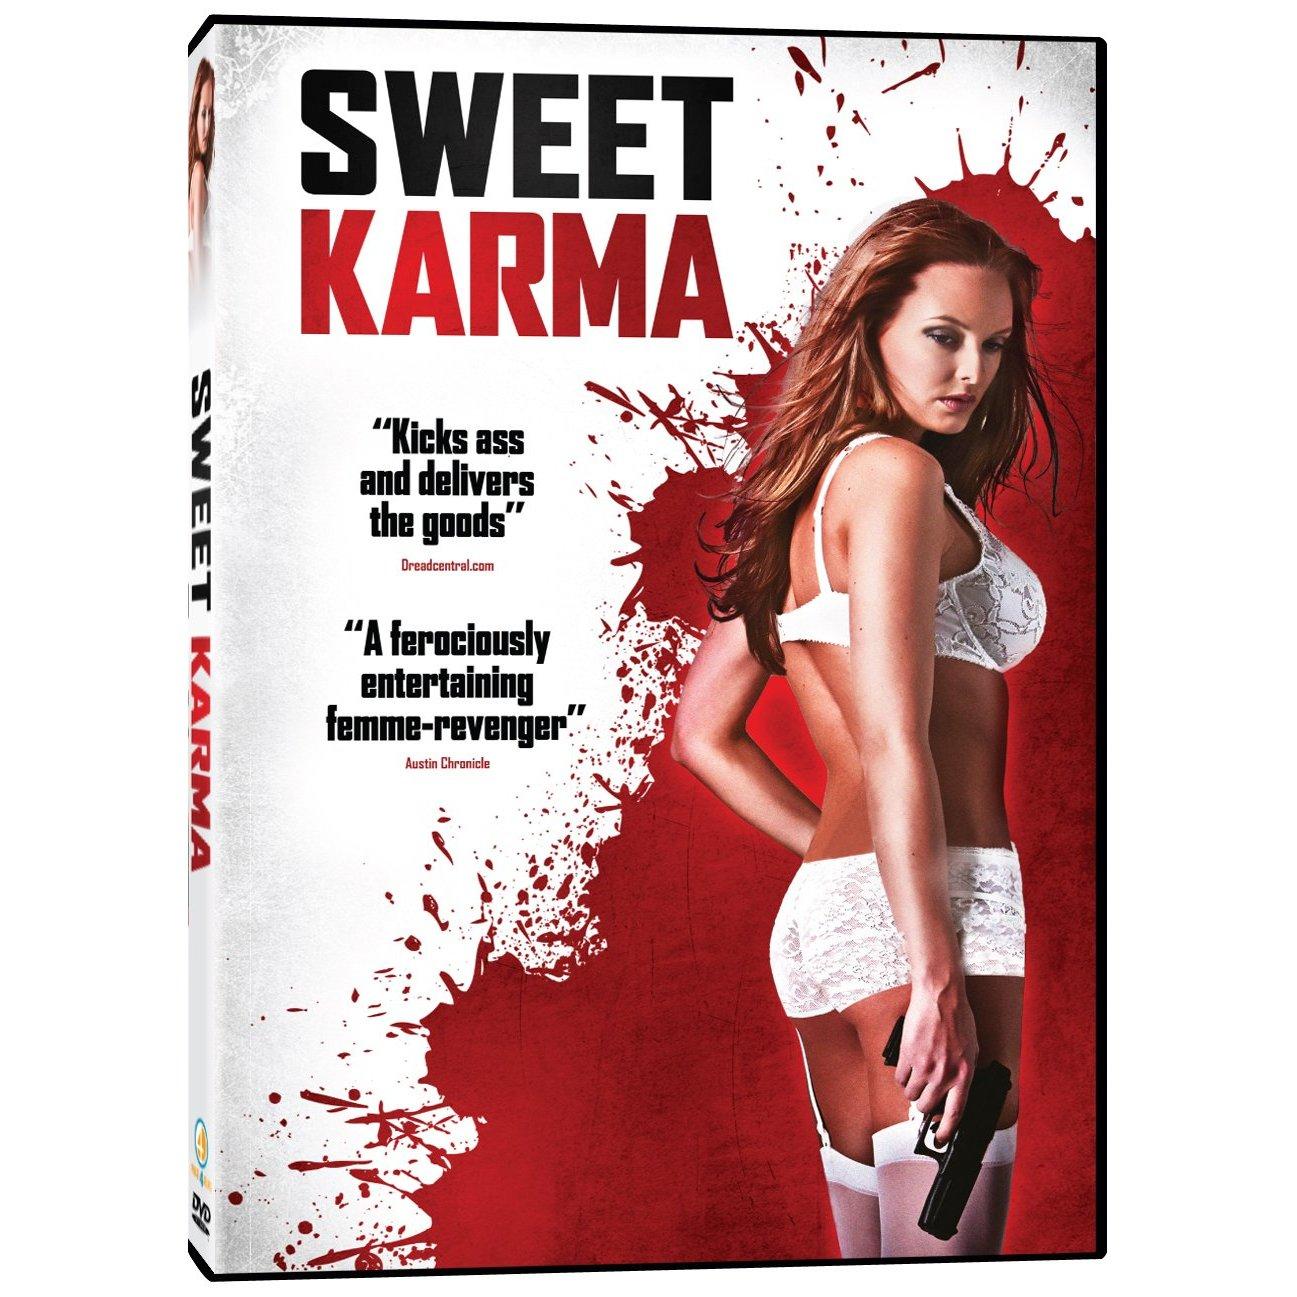 http://2.bp.blogspot.com/-9aHQ_mnikRY/TeKfJQzI9KI/AAAAAAAAAlM/DfpQ6-iv8Rw/s1600/Sweet+Karma.jpg